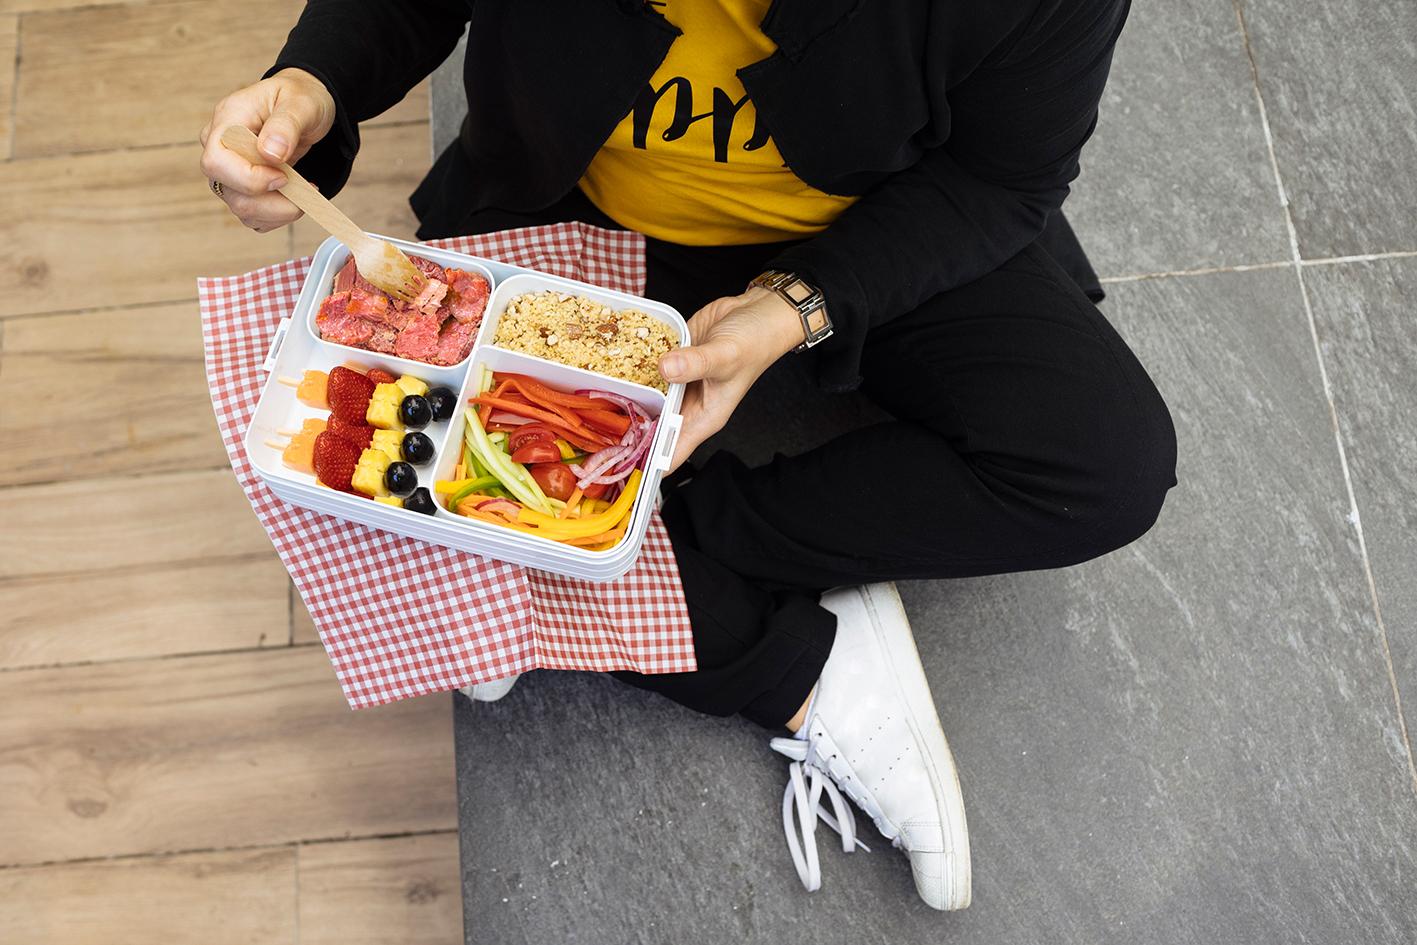 Carne in gelatina, cous cous, julienne di verdure e spiedini di frutta